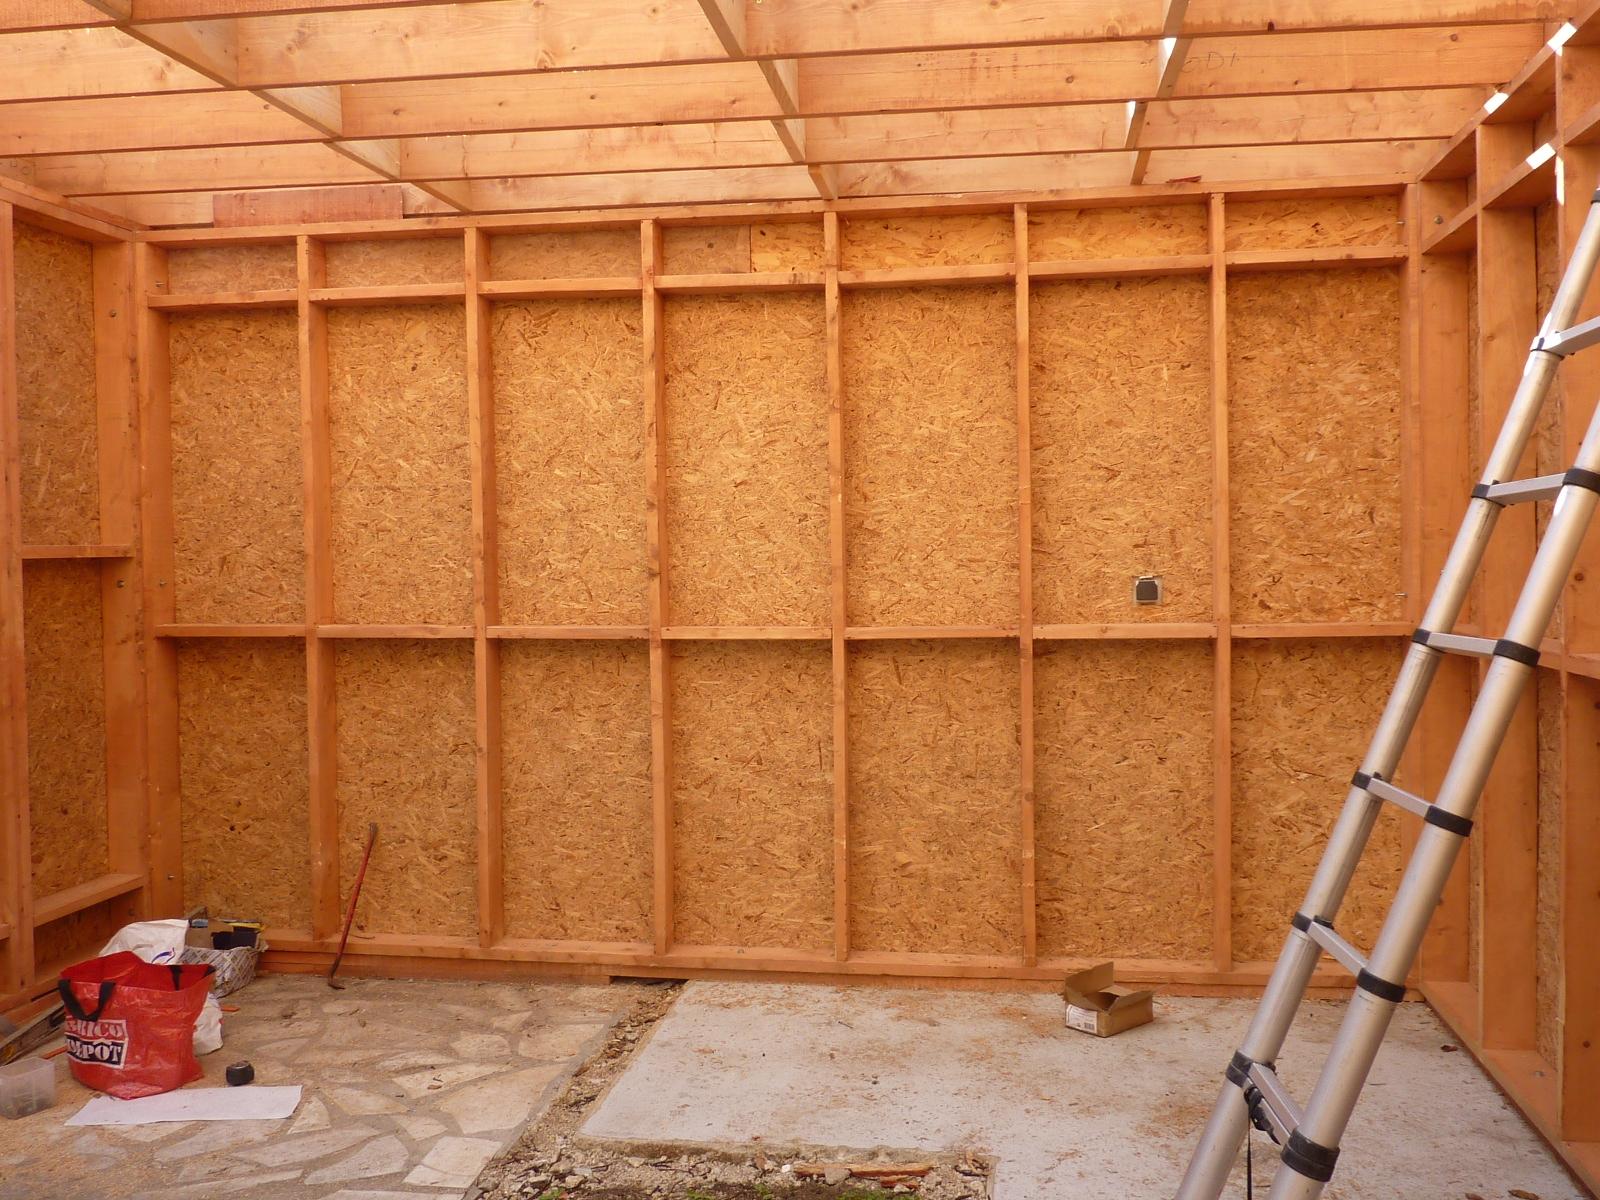 Interieur maison de bois en ossature bois verneuil seine - Interieur maison en bois ...